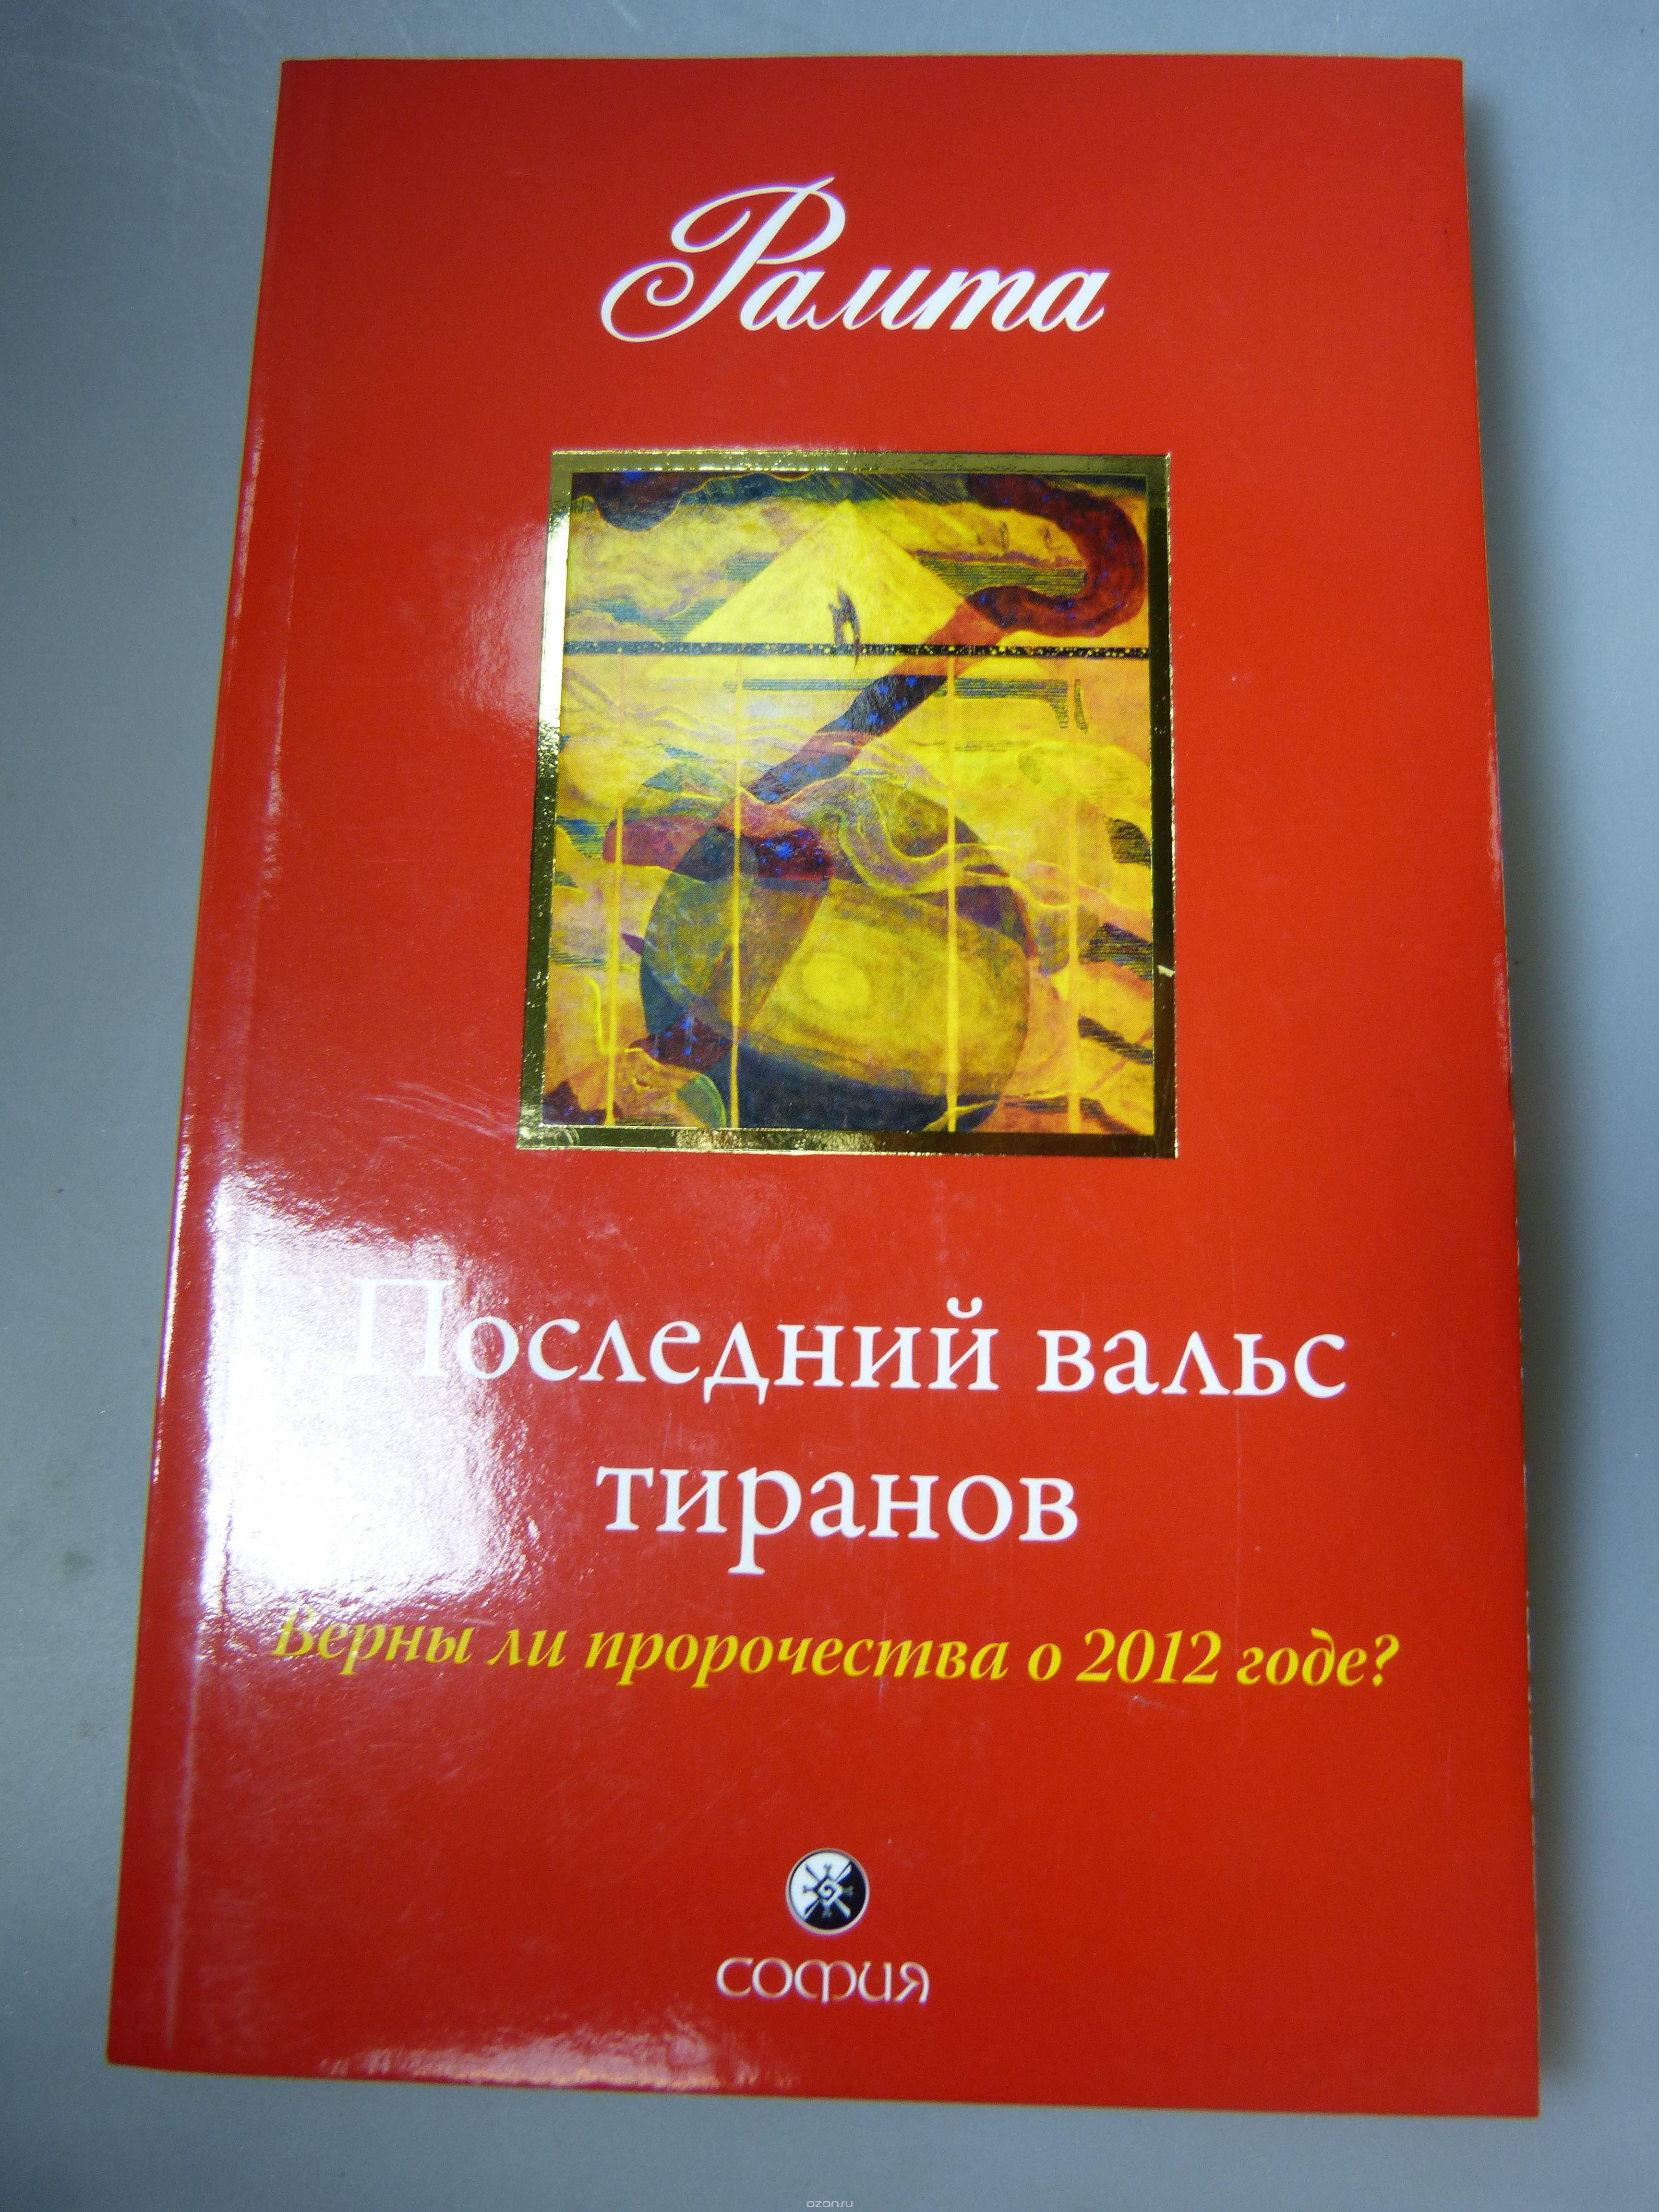 Рамта: Последний вальс тиранов. Верны ли пророчества о 2012 годе? Уцененный товар (№1)